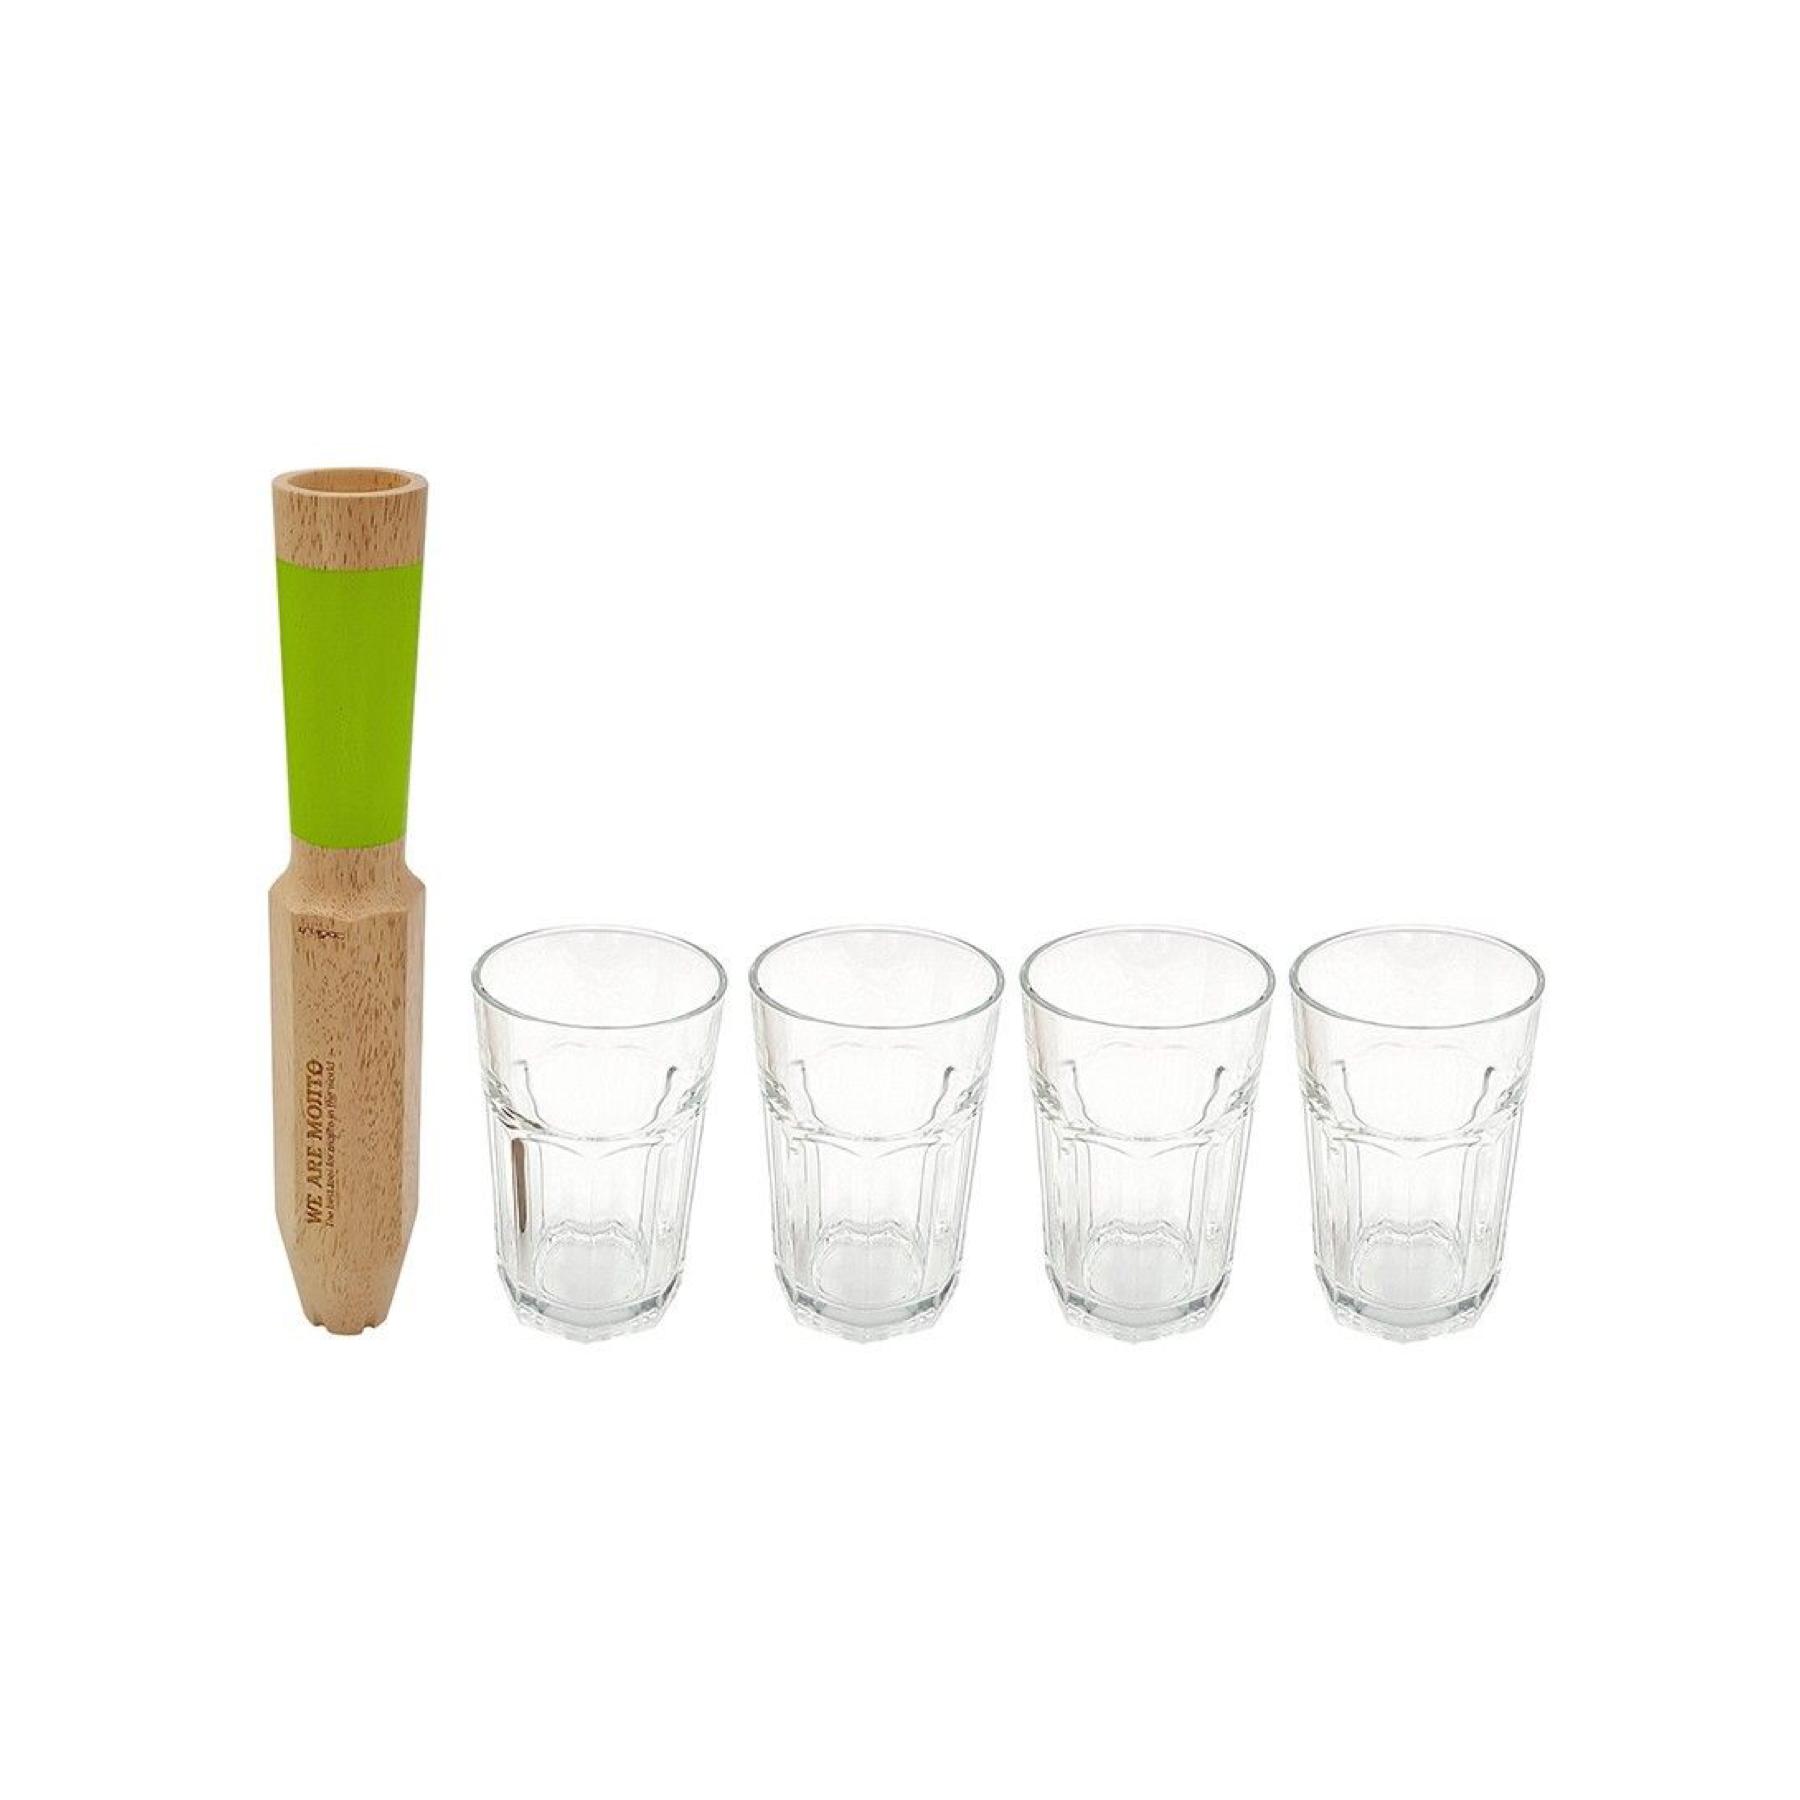 Pilon-doseur à mojito et 4 verres :  We are Mojitos